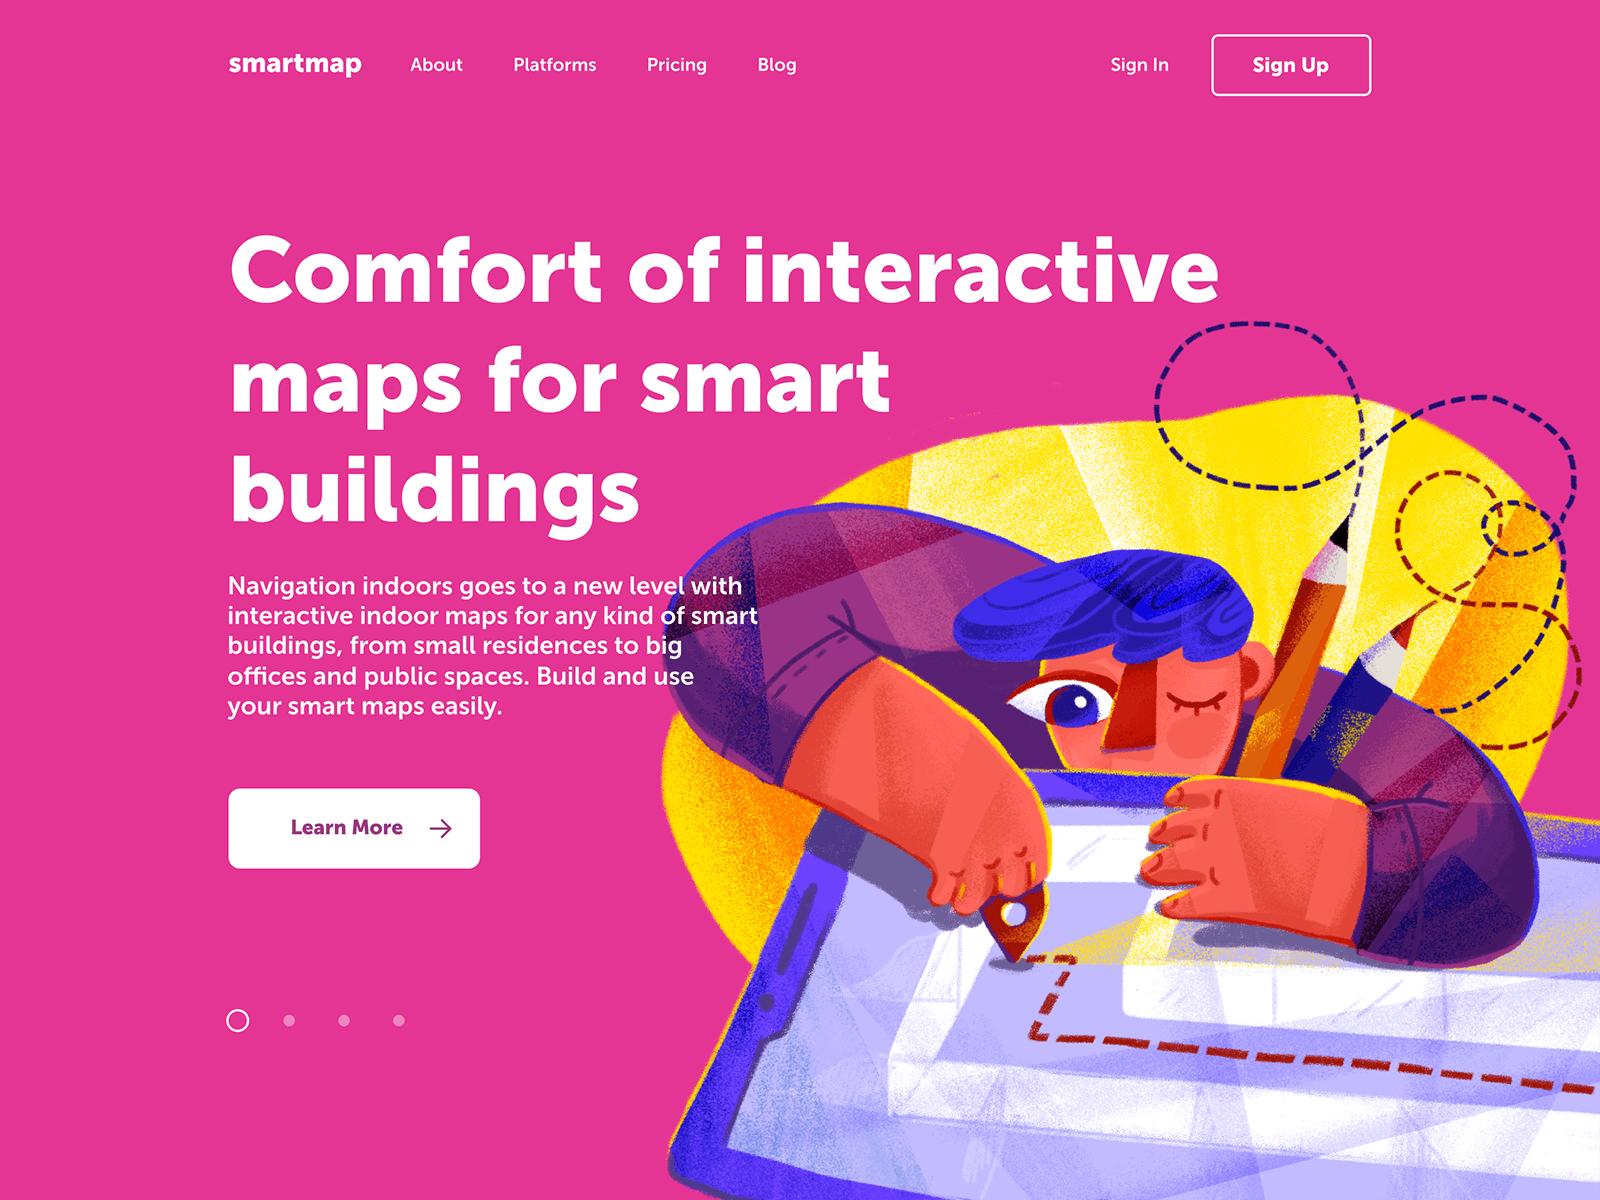 smartmap landing page design tubik